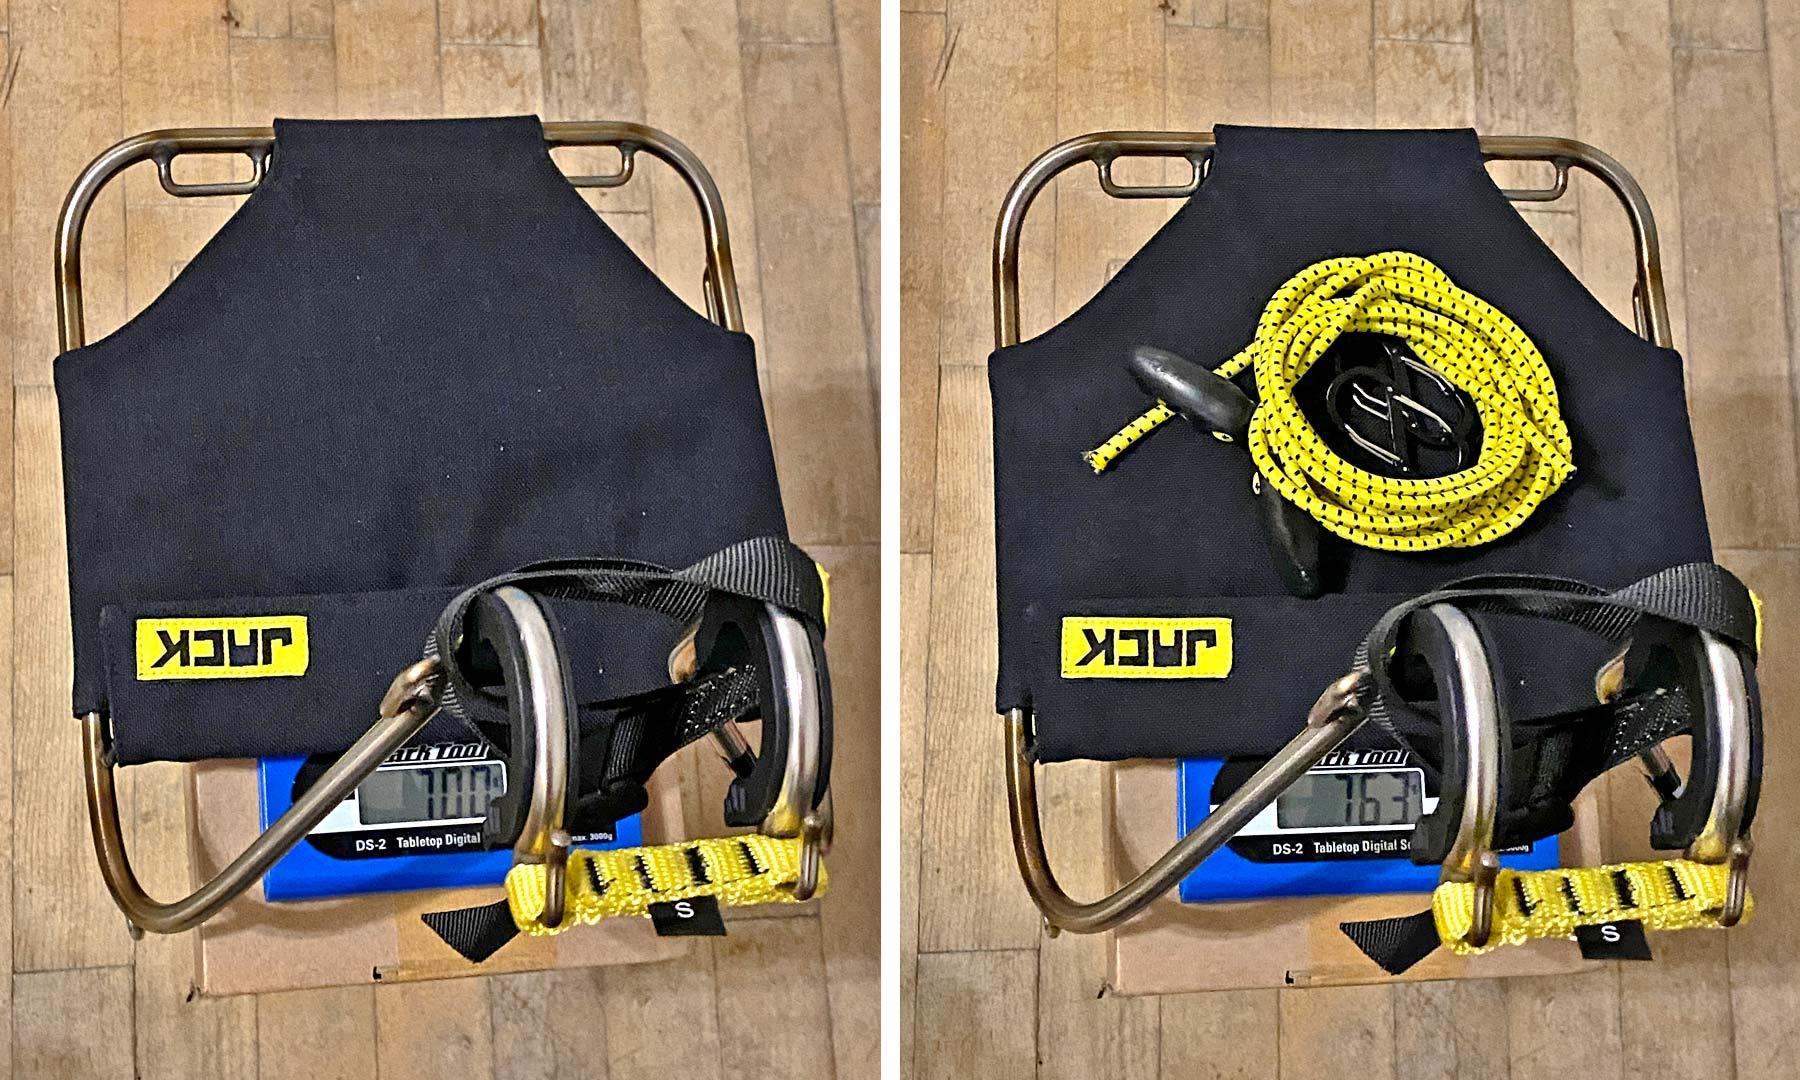 Jack The Bike Rack evrensel uyumlu aletsiz çelik boru kayışlı ön raf, 700g gerçek ağırlık